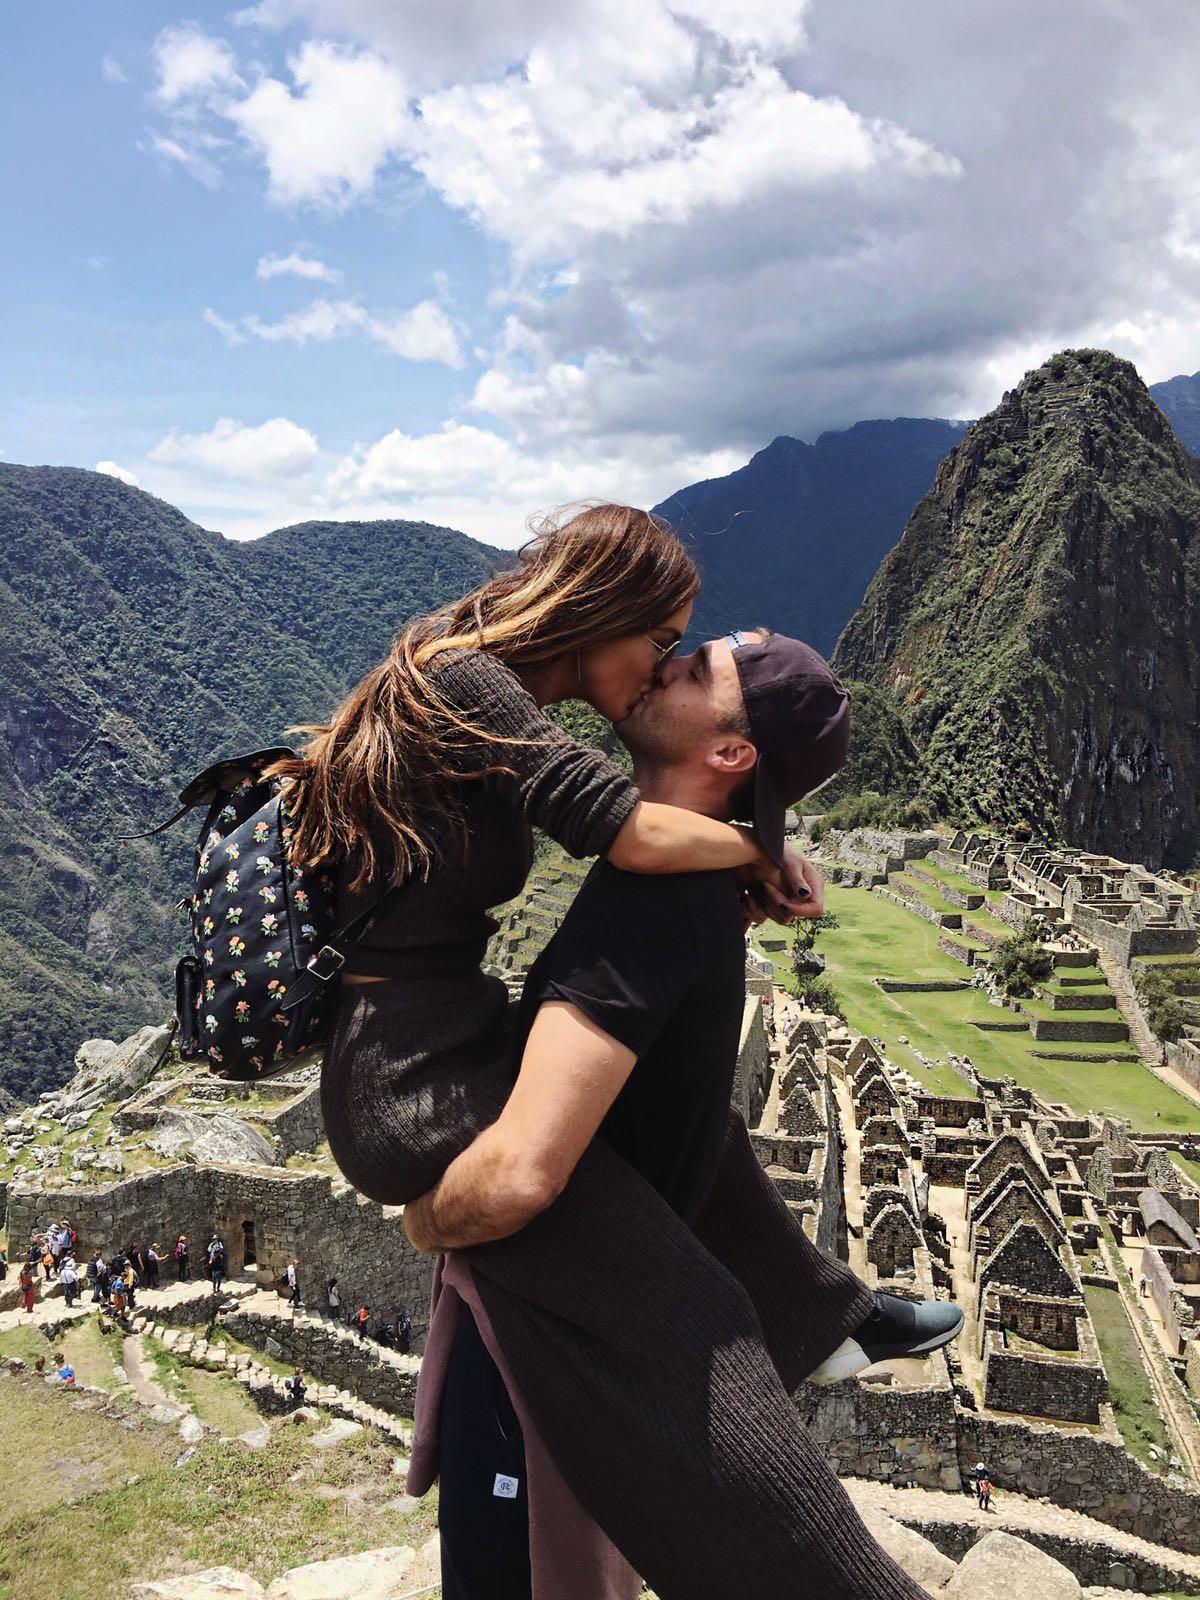 3288556e194179000915a96d5649b20edd0ce57f-peruvian-adventures-1-1200